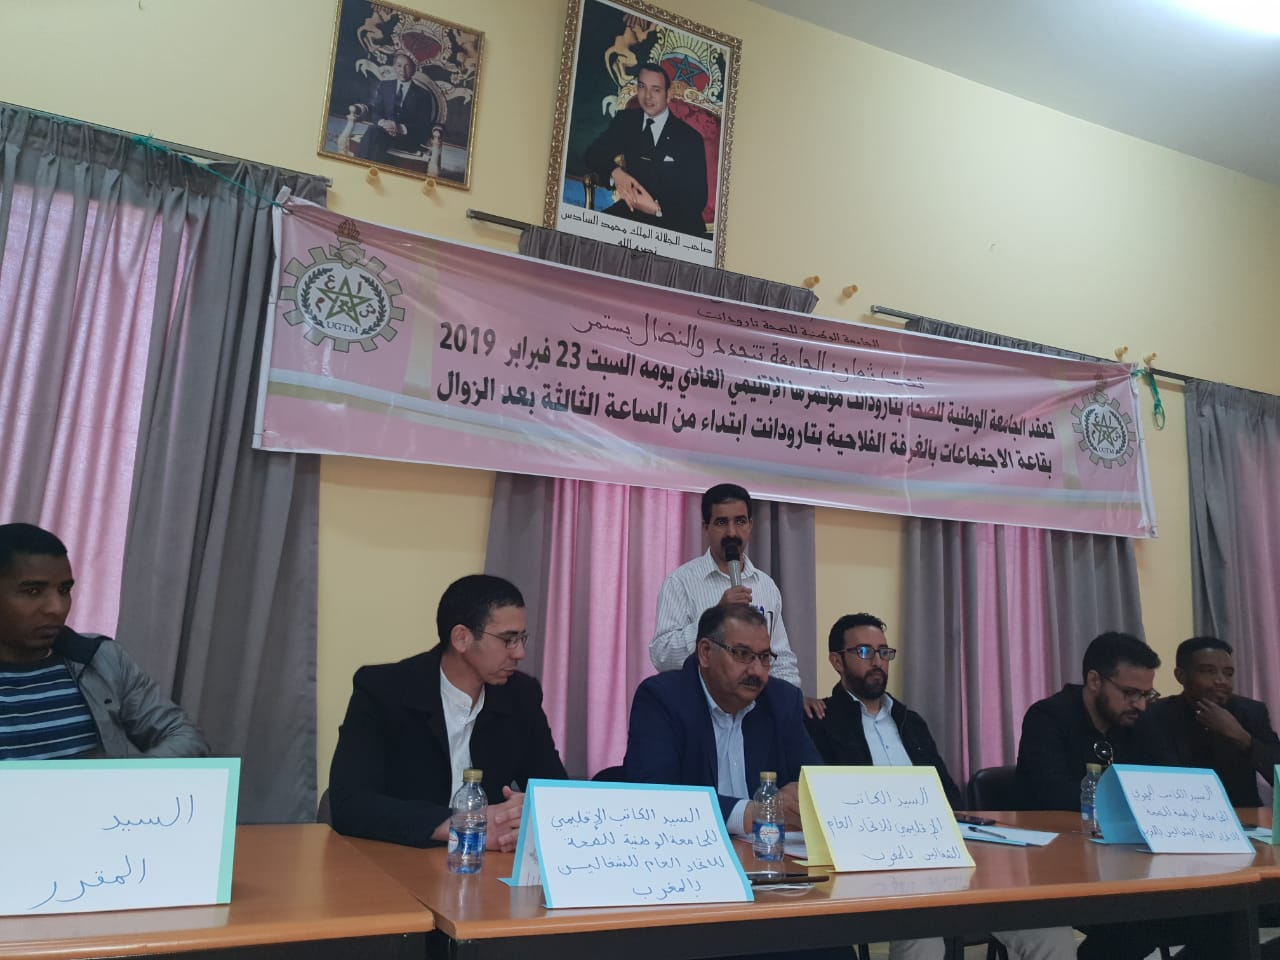 انتخاب سعيد وحمو كاتب إقليمي للجامعة الوطنية للصحة بإقليم تارودانت